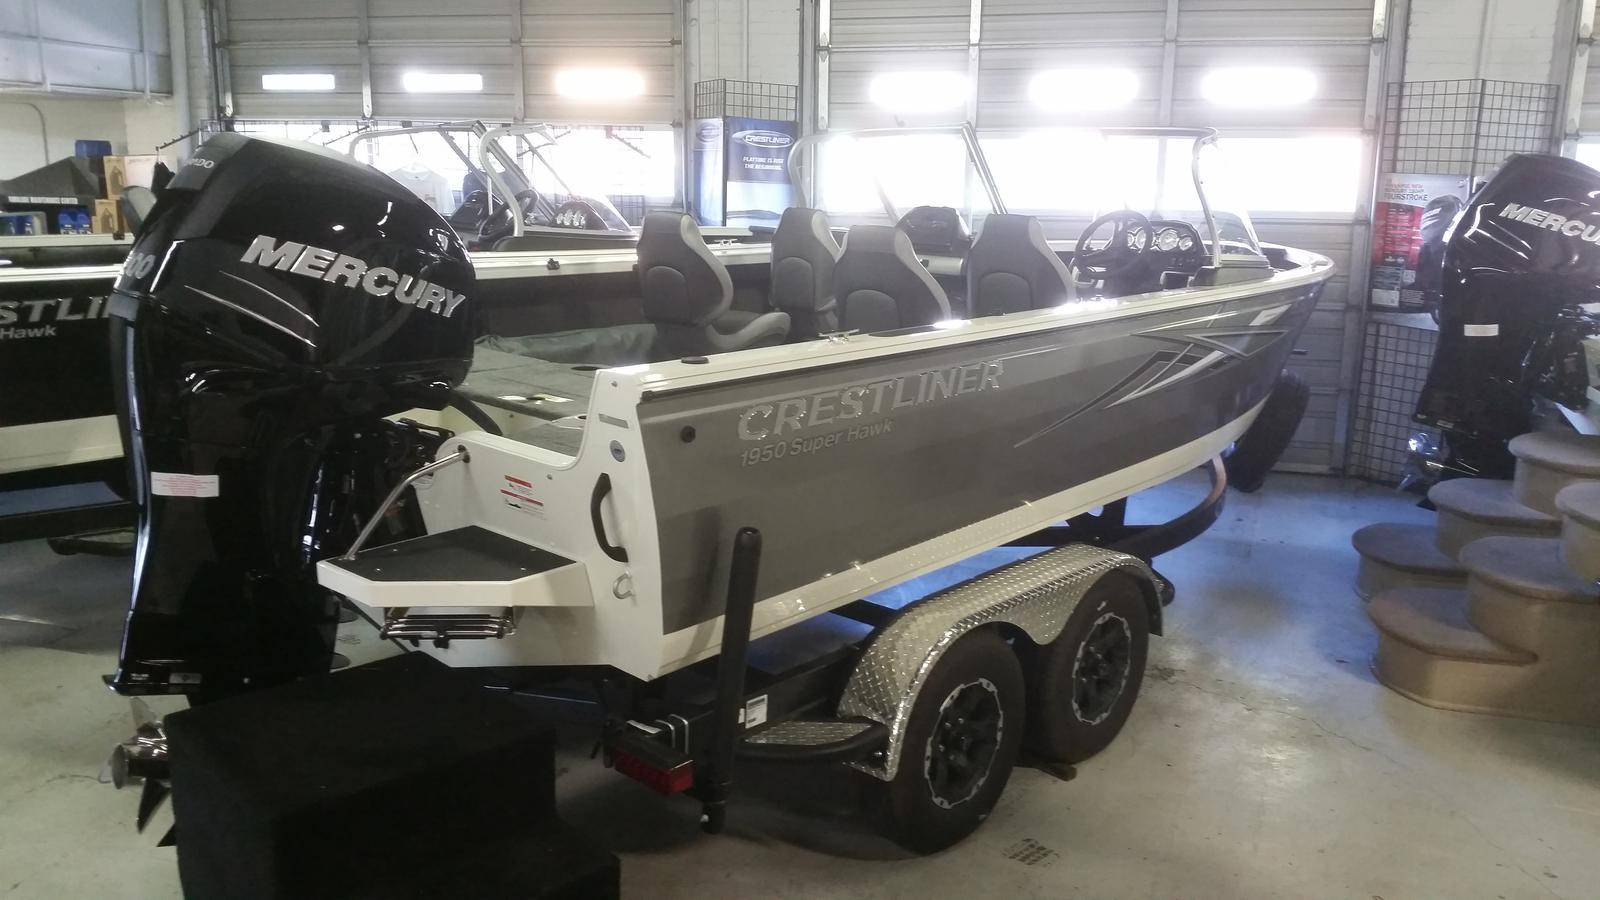 Wiring Diagram Crestliner Vt 19 2005 Models Wire Diagrams Pontoon Boat Ut 2018 1950 Super Hawk For Sale In Salt Lake City